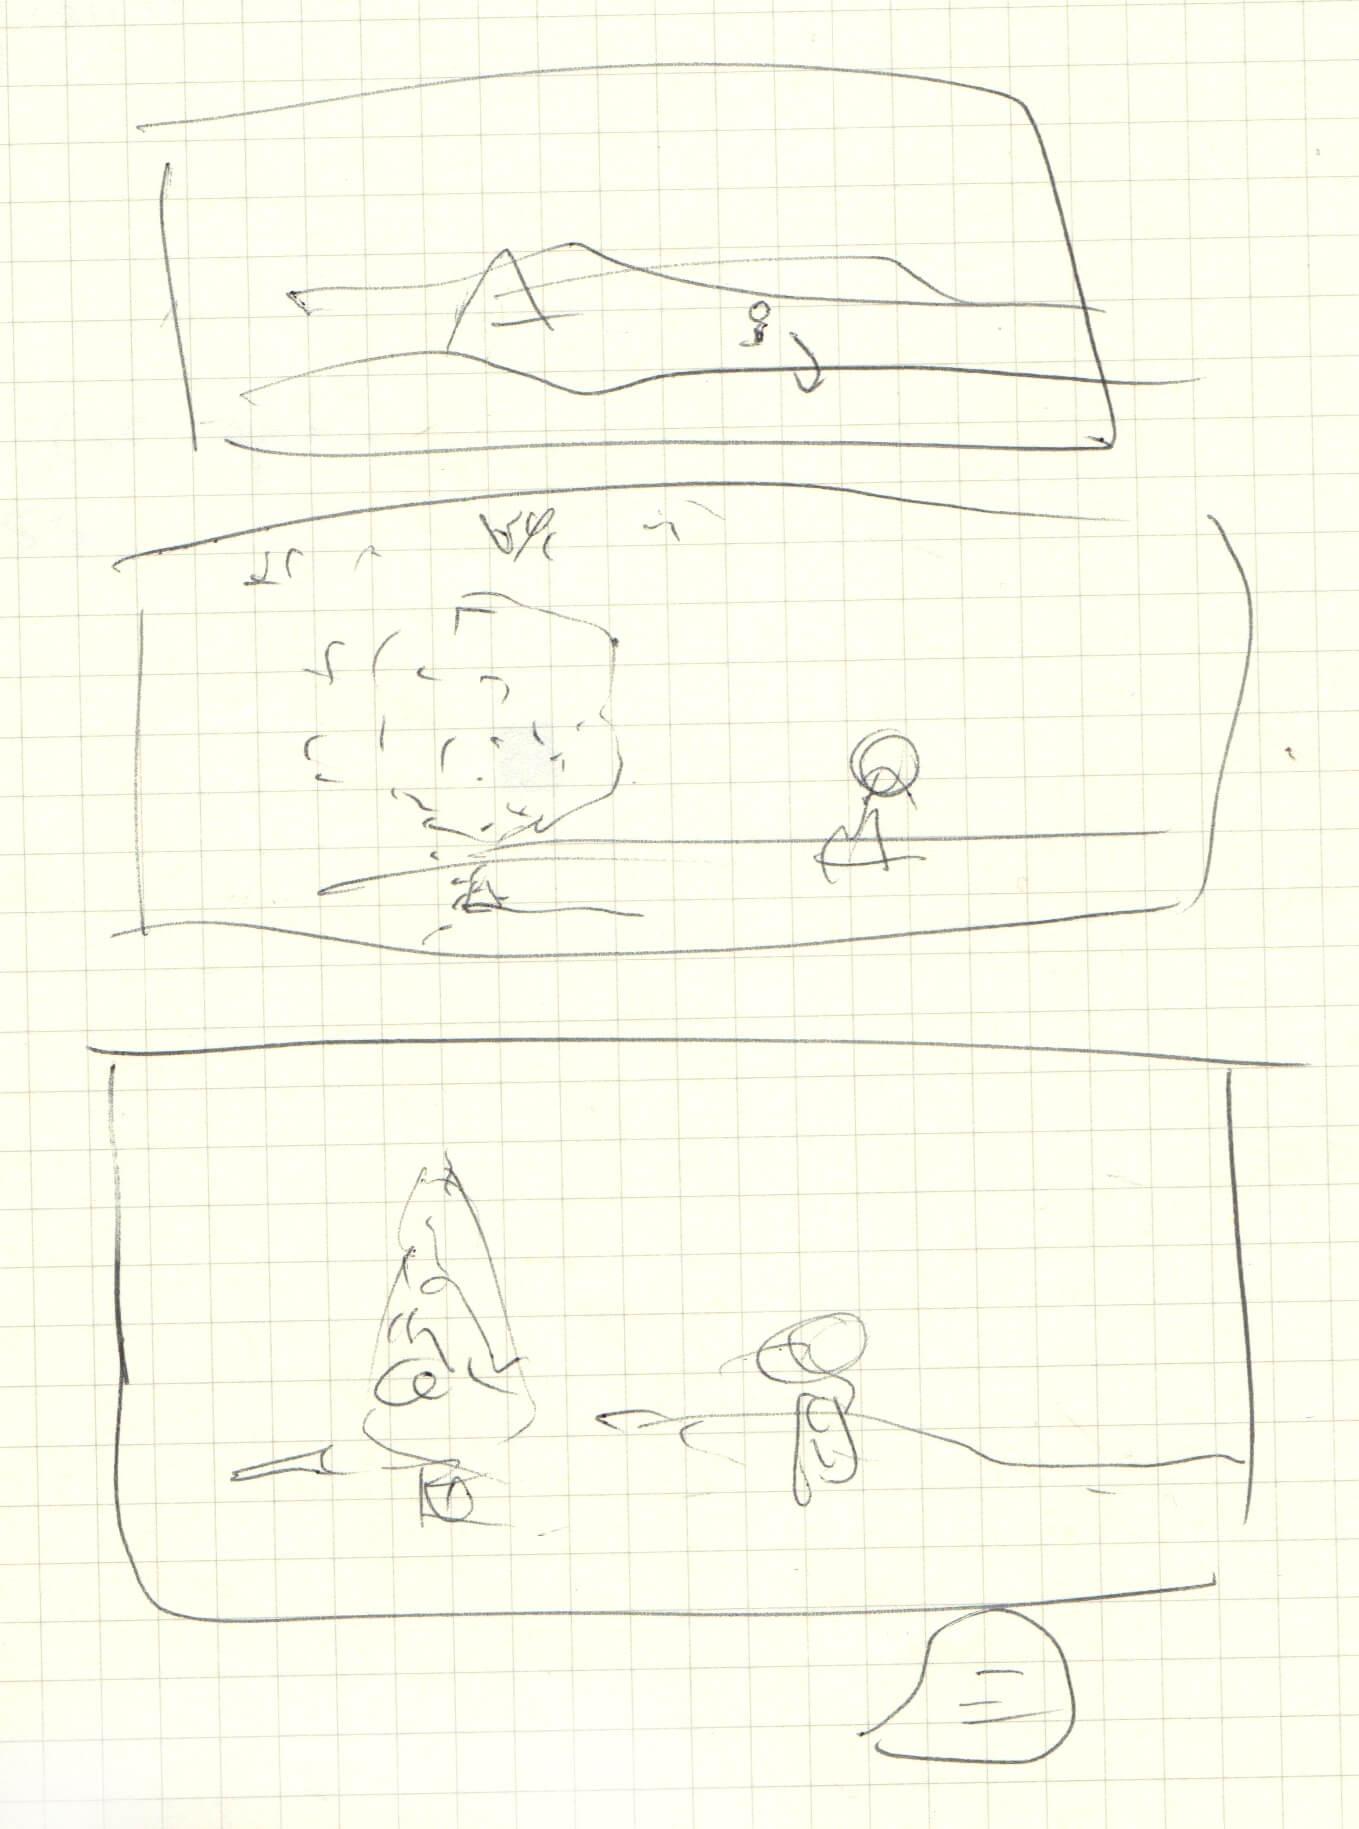 Иллюстрация к статье: Практические методы дизайна анимации